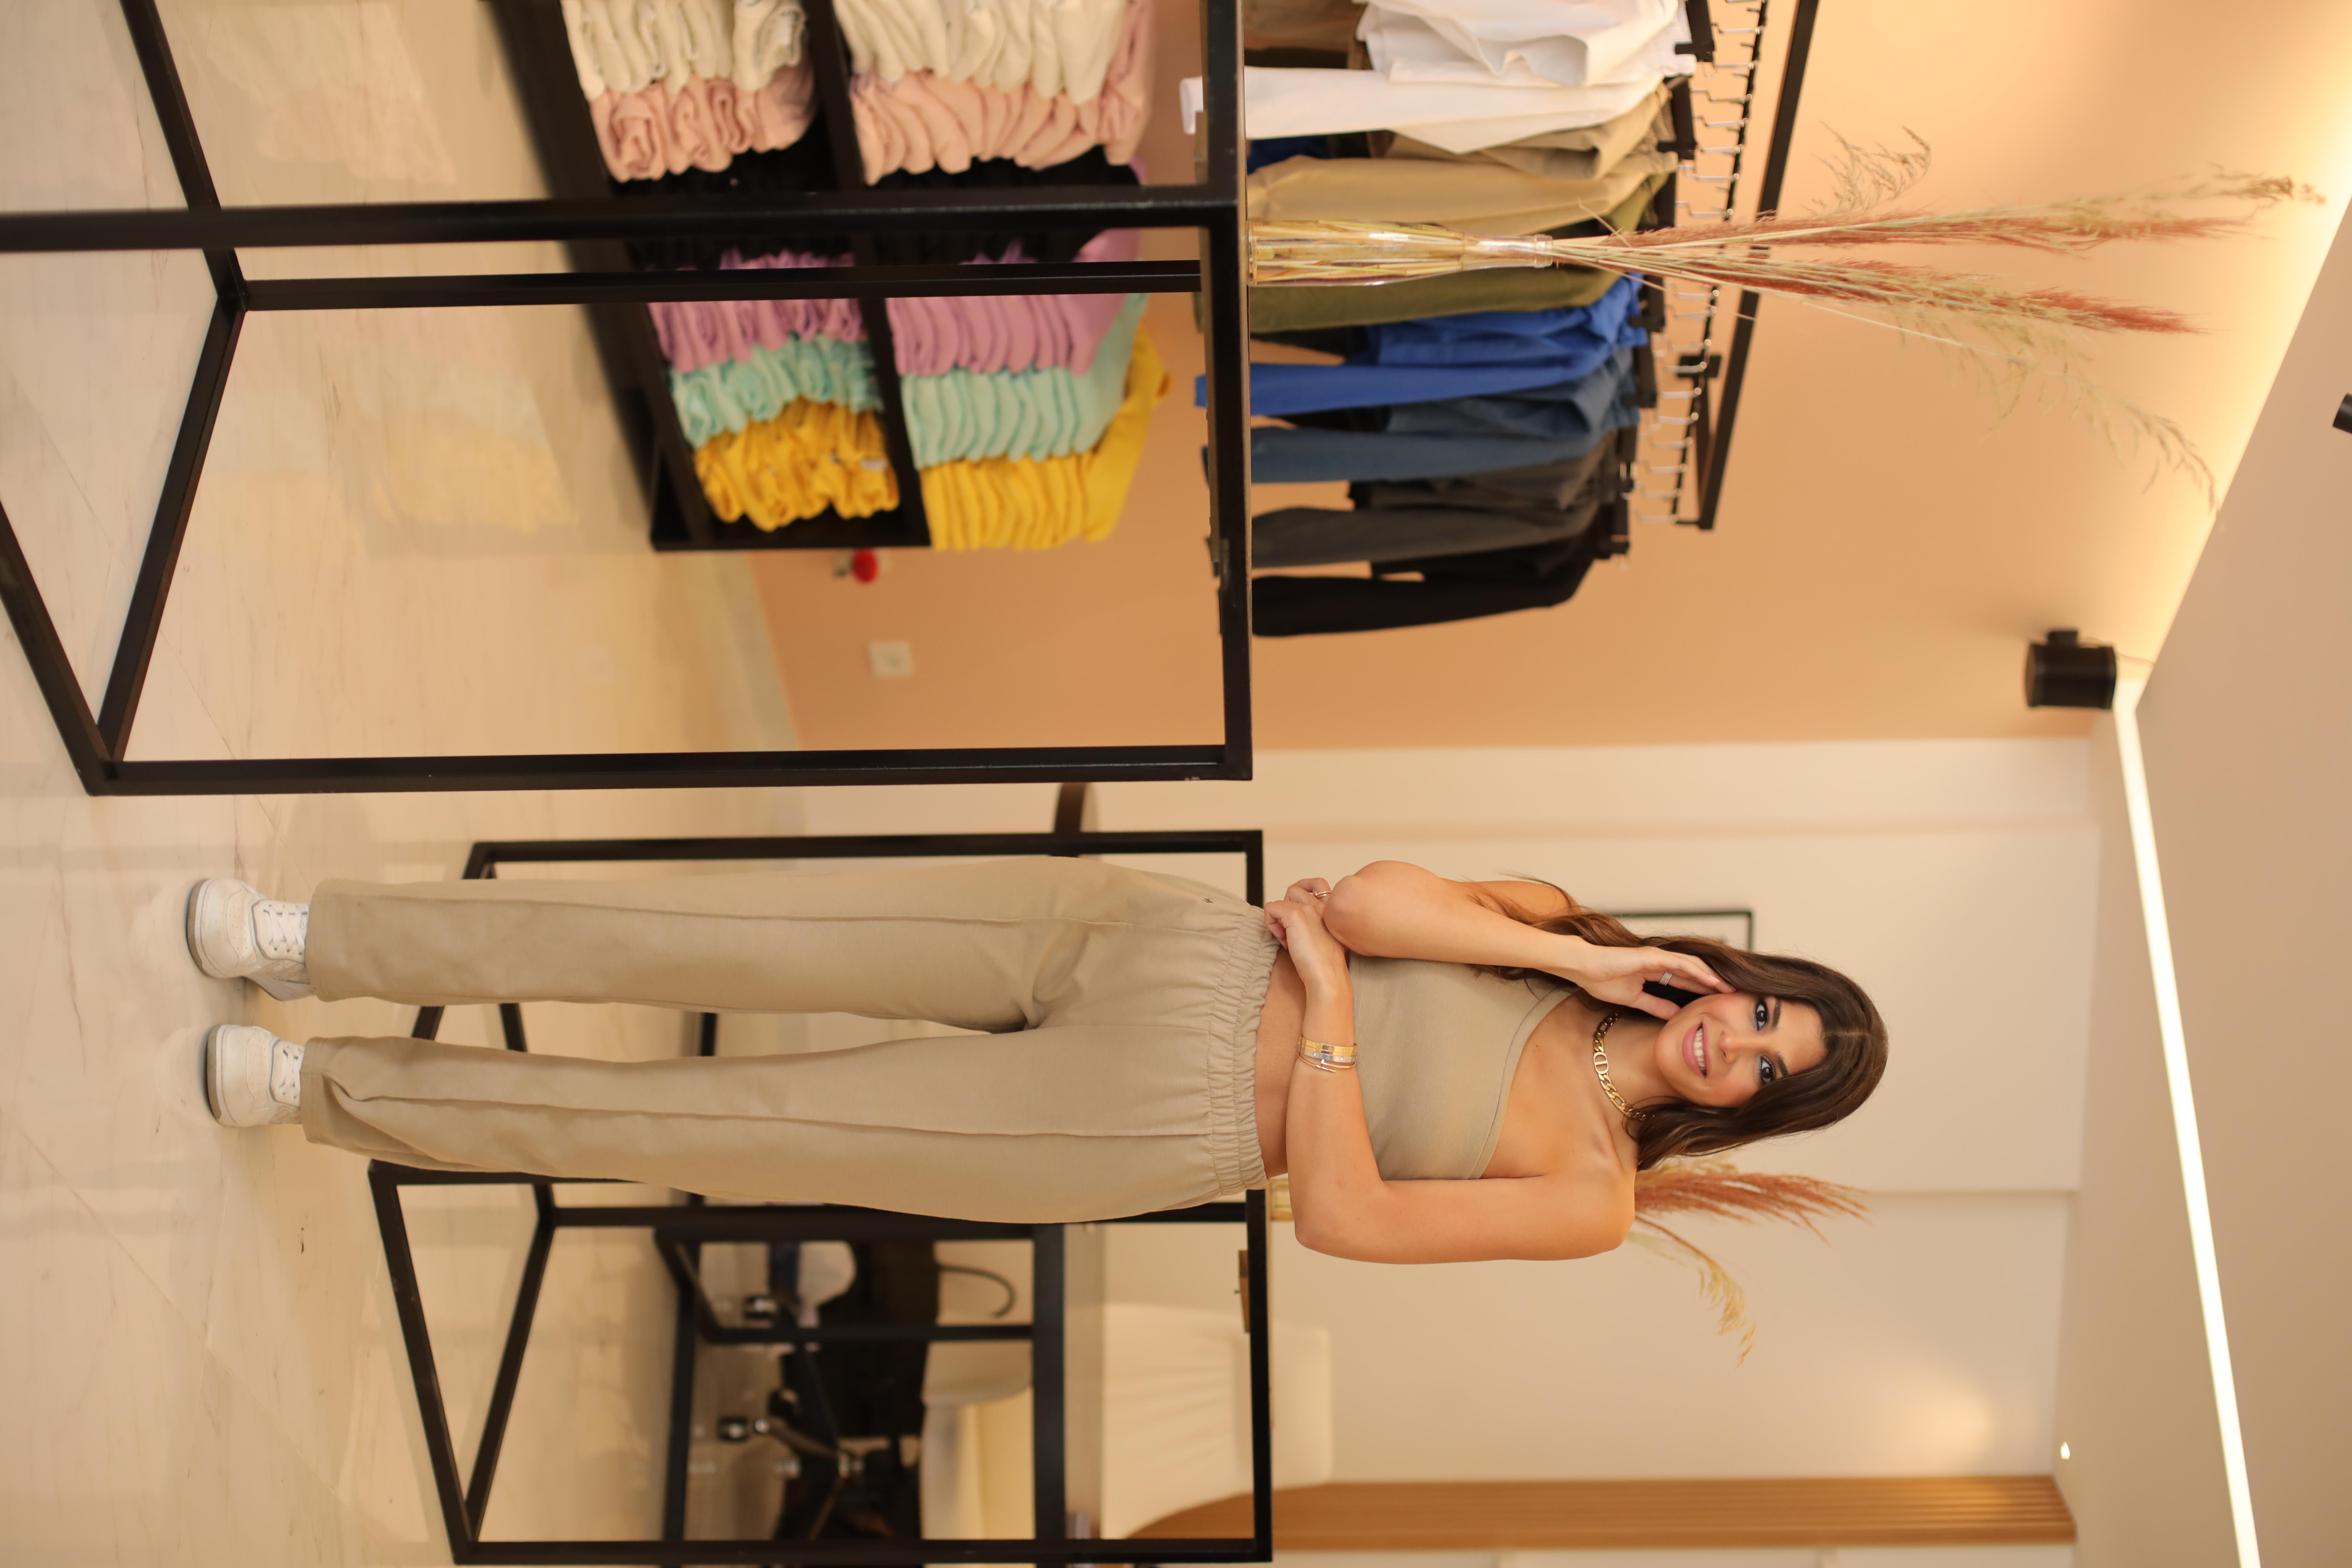 المصممة لارا زكا في متجرها الجديد في لبنان